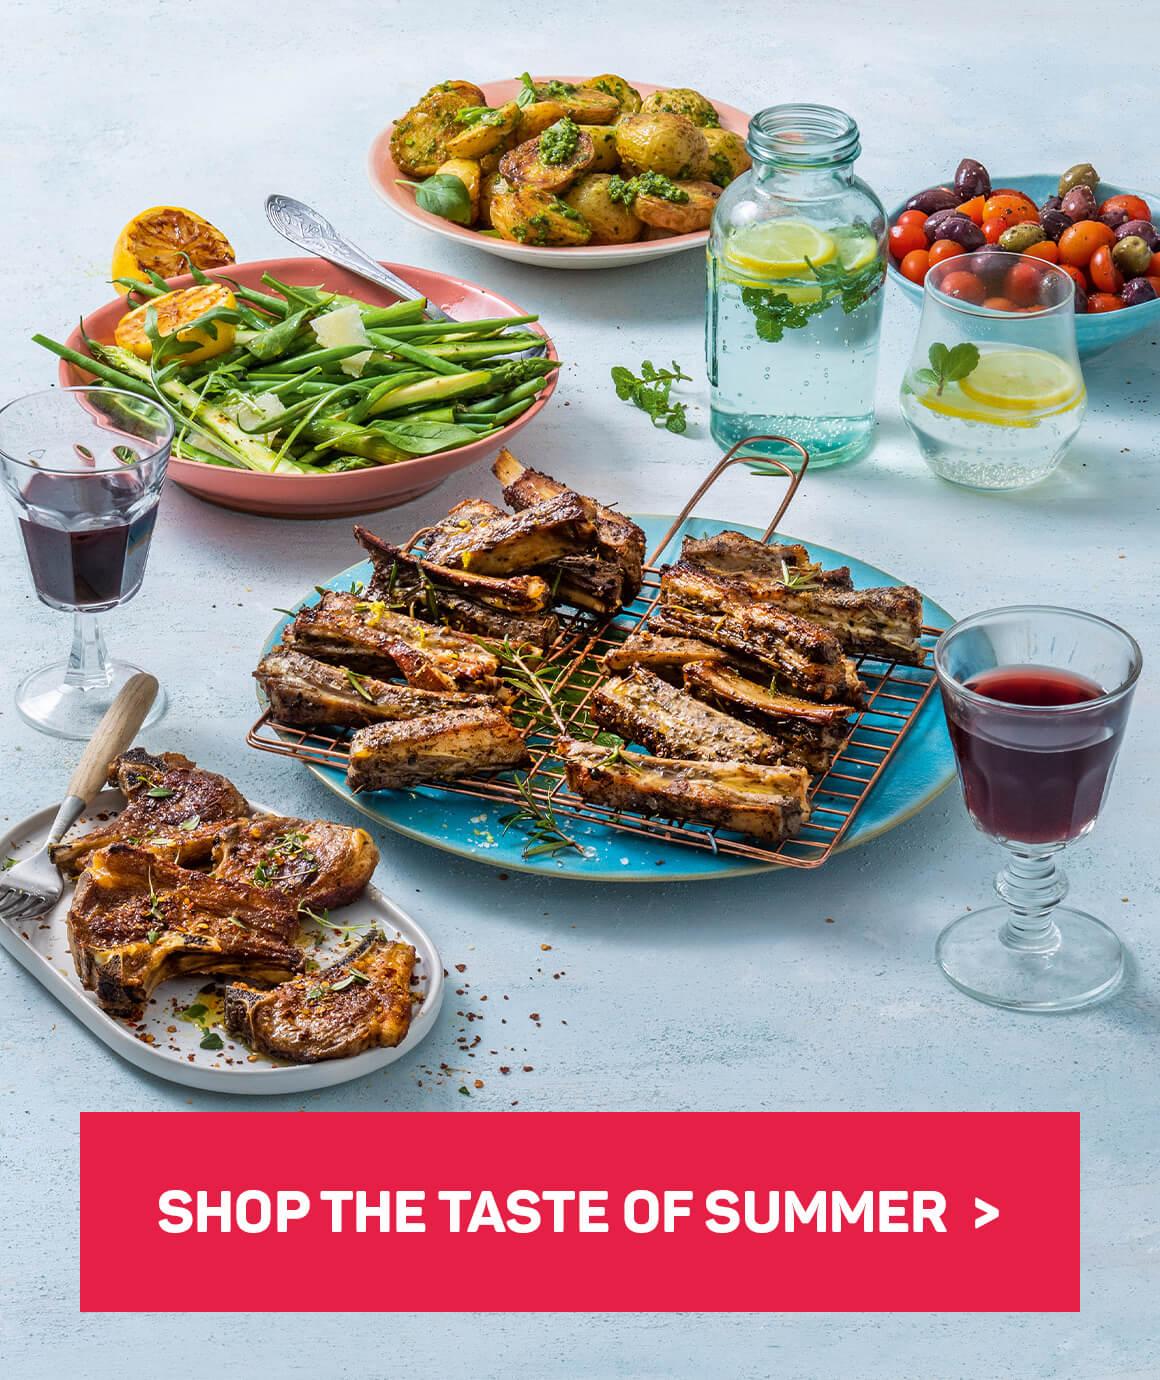 Shop the taste of summer